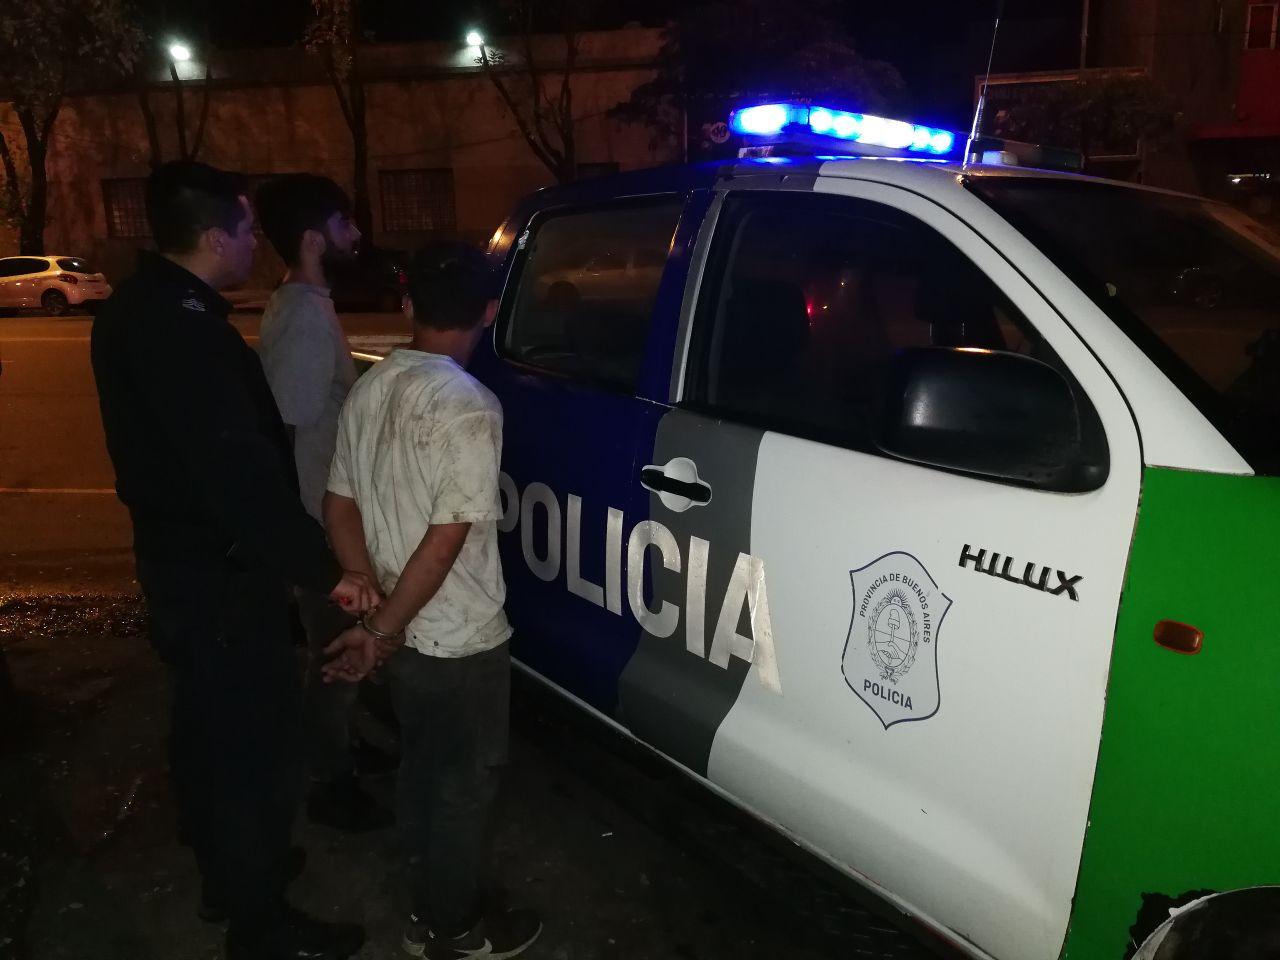 Quisieron robar una moto en Santa Clara, pero terminaron en camioneta rumbo a Batán